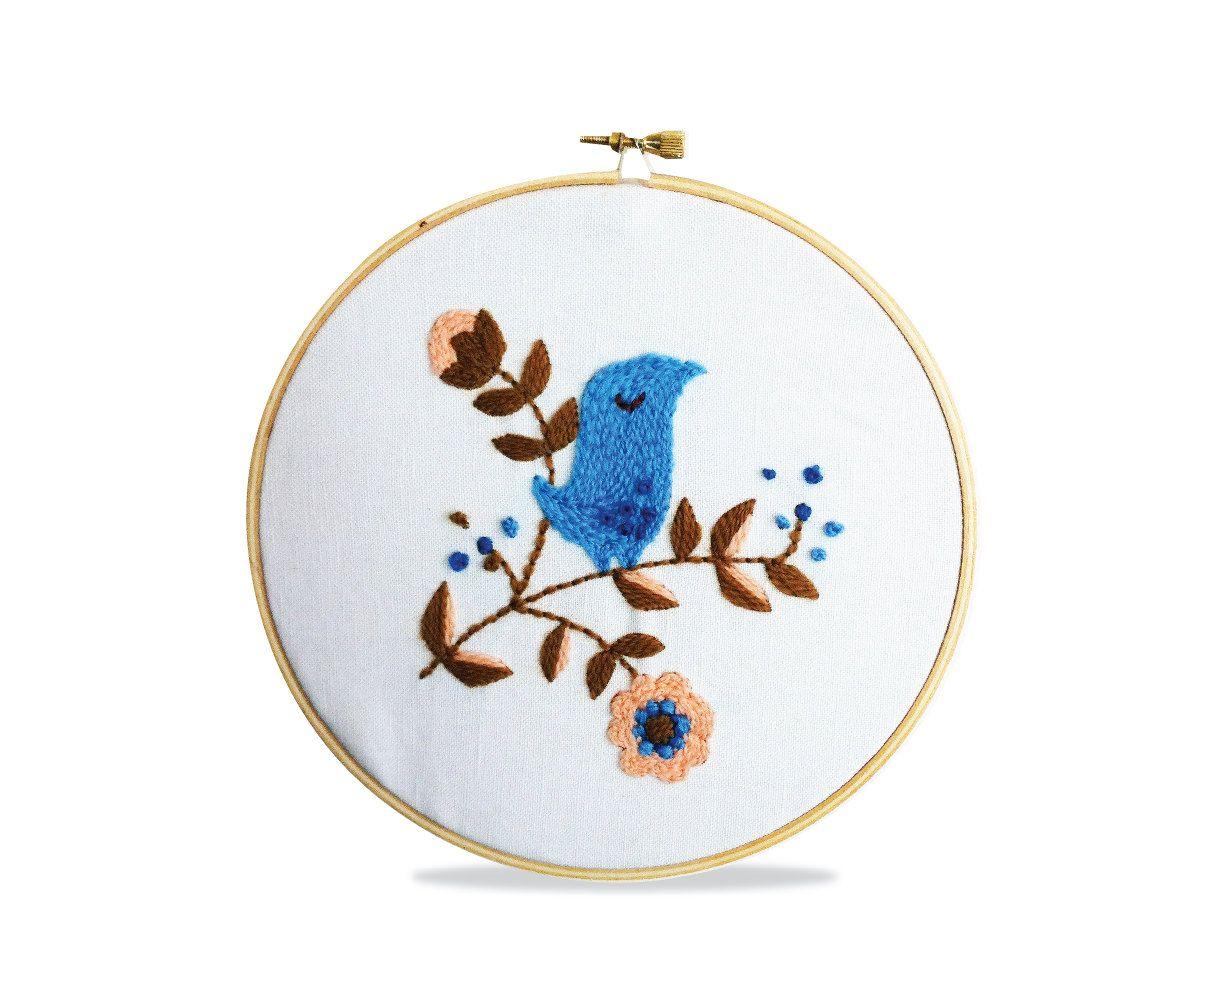 Cheeky Bird Crewel Embroidery Pattern | Quiero irme y Quiero